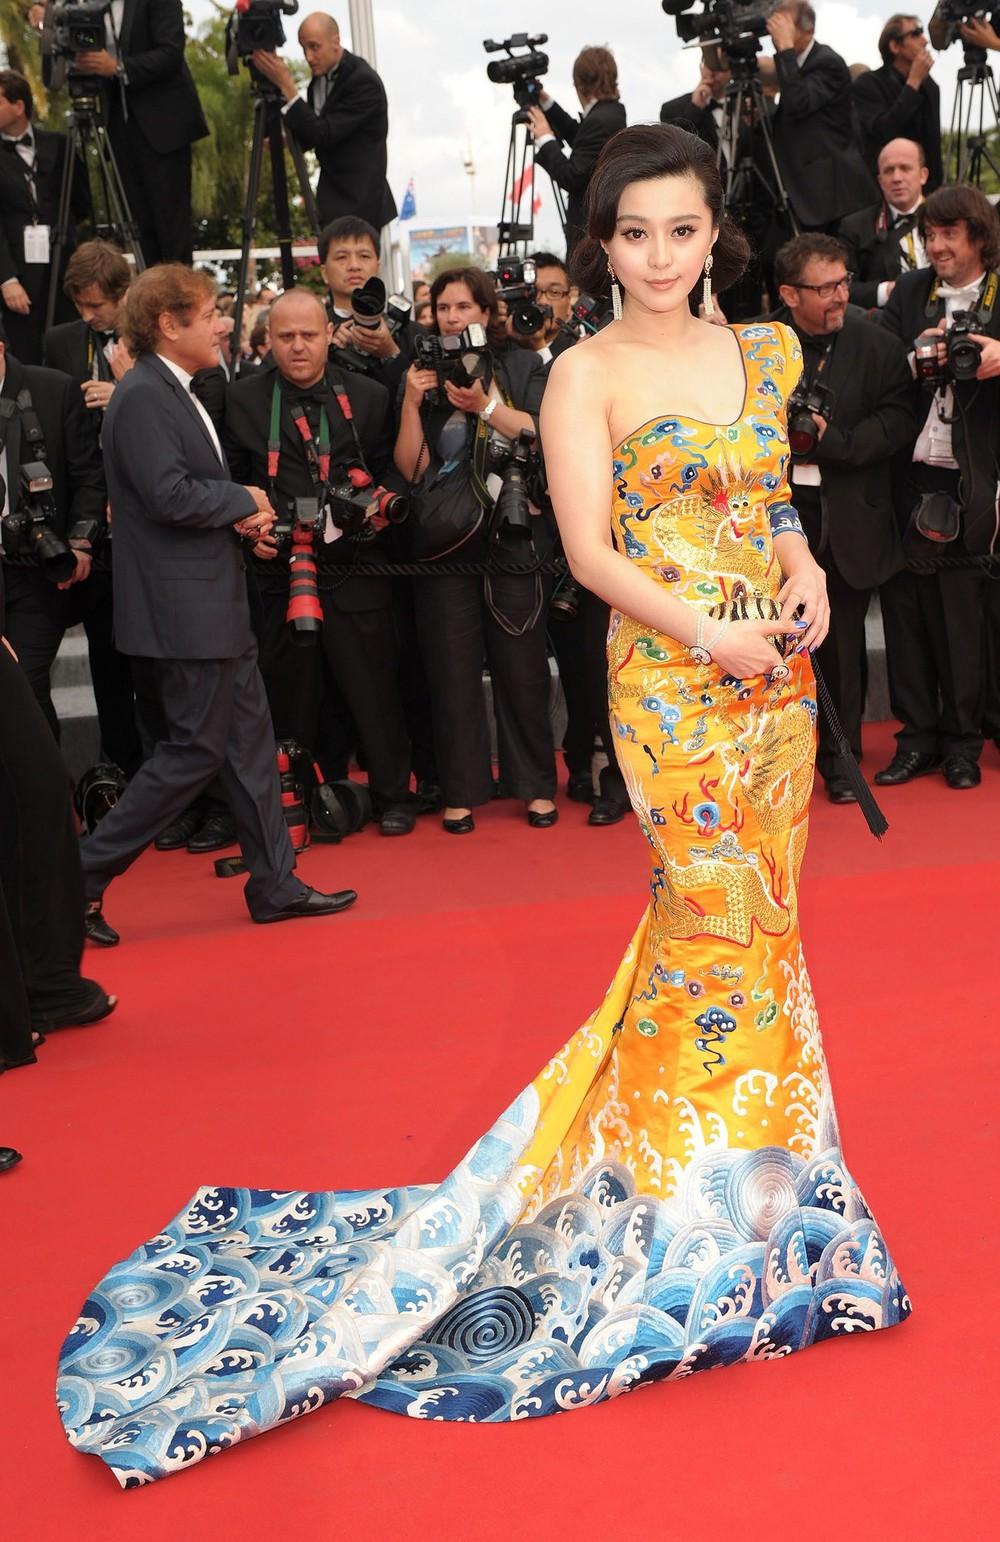 Vòng 2 nhỏ hơn cả siêu mẫu, Dương Mịch khiến NTK nổi tiếng của Phạm Băng Băng cũng ngỡ ngàng khi cô diện đẹp mẫu váy khó nhằn - Ảnh 3.